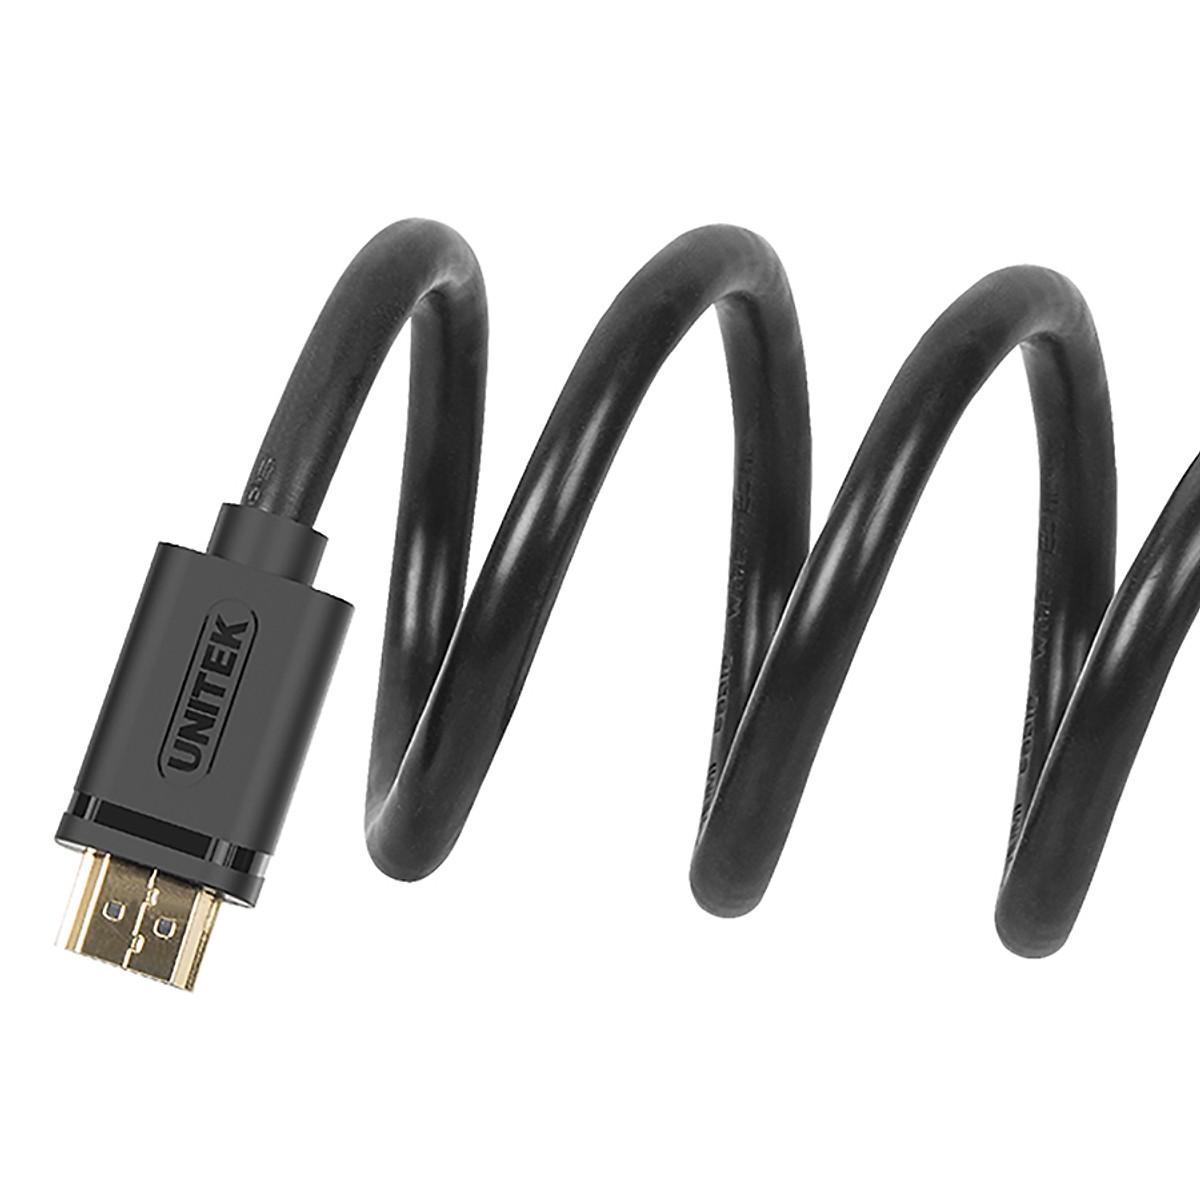 Dây 2 Đầu HDMi 5M UNITEK - Cáp HDMI 5M UNITEK Full HD 4K - Hàng Nhập Khẩu